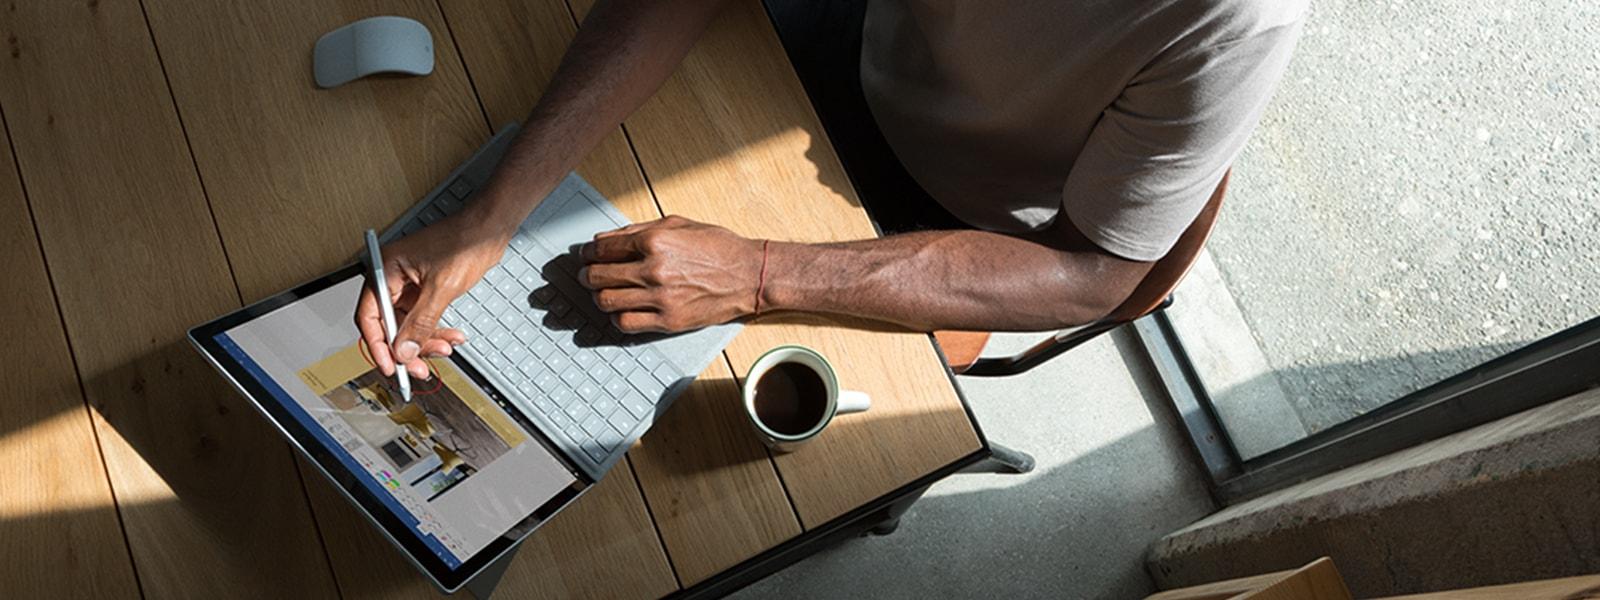 Mies käyttää Surface-kynää Surface Pron kanssa kahvilassa.